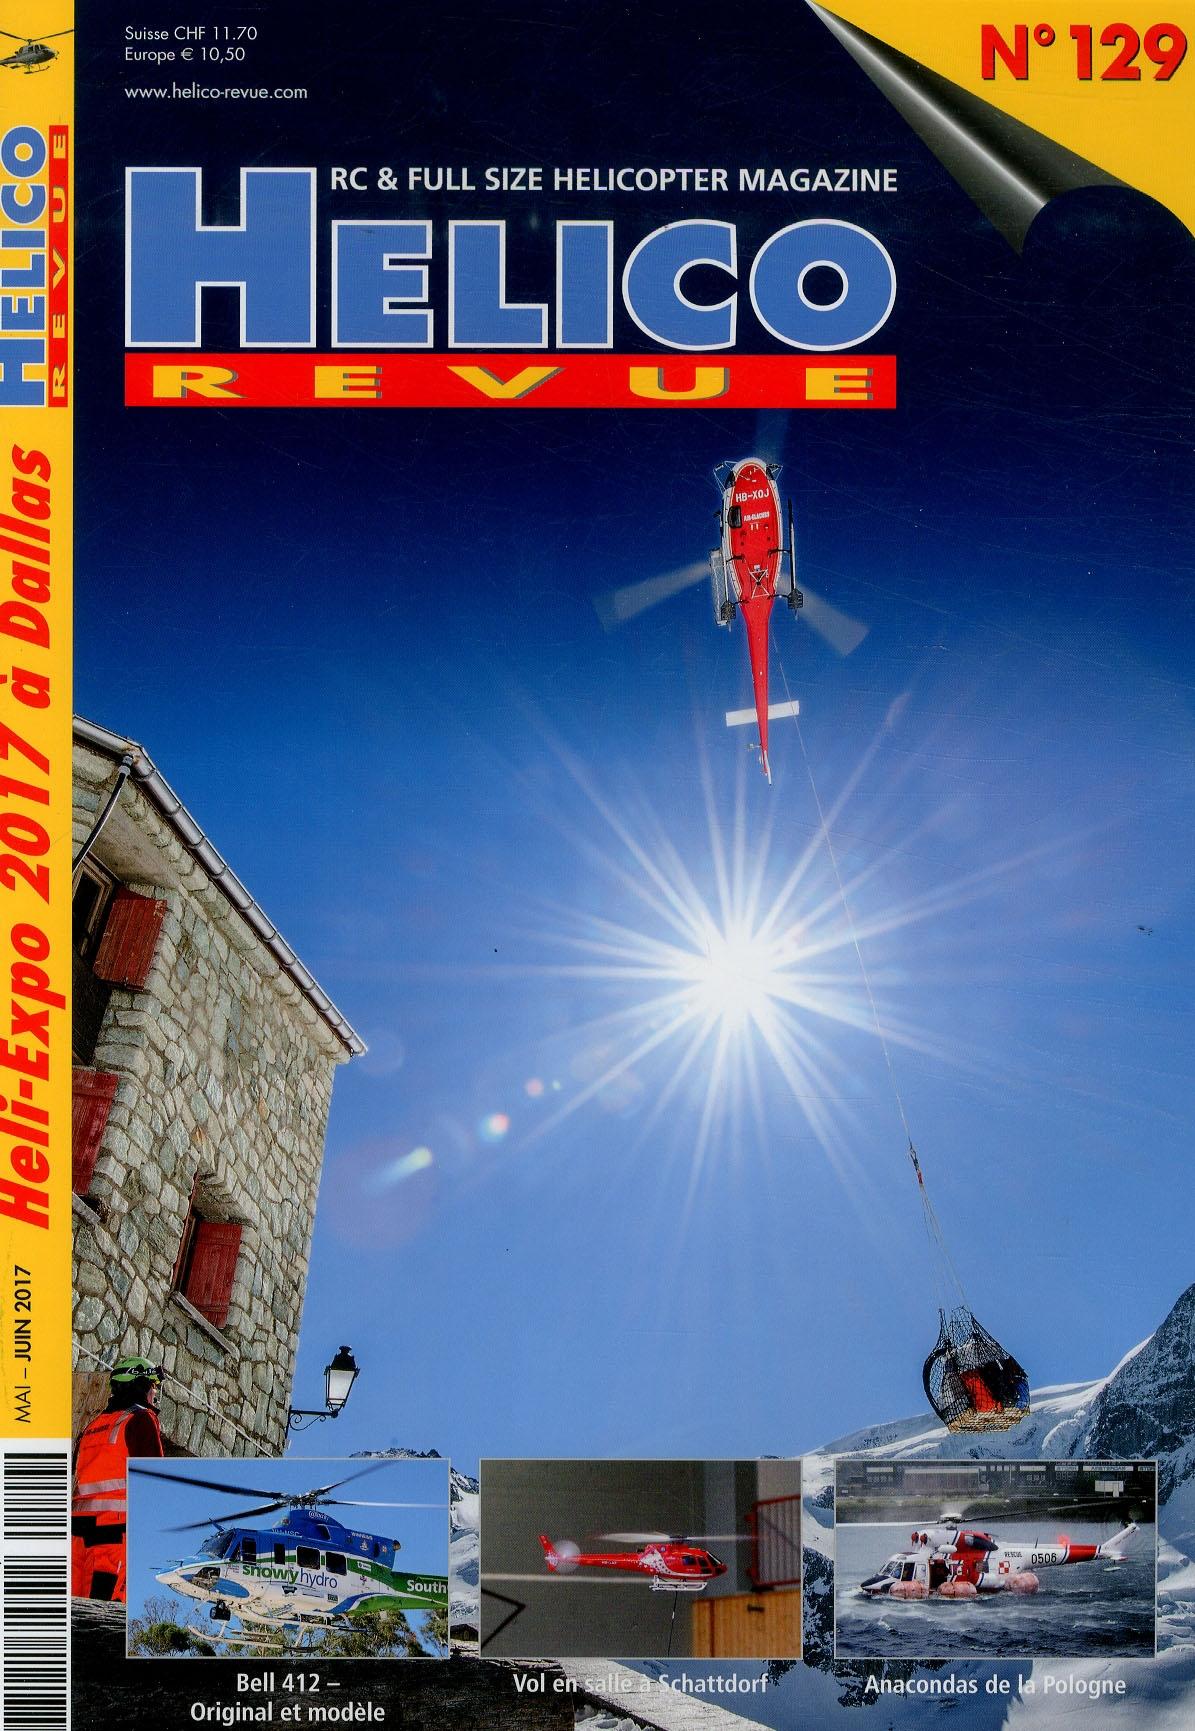 Helico revue magazine francophone sur l'hélicoptère - voilure tournate